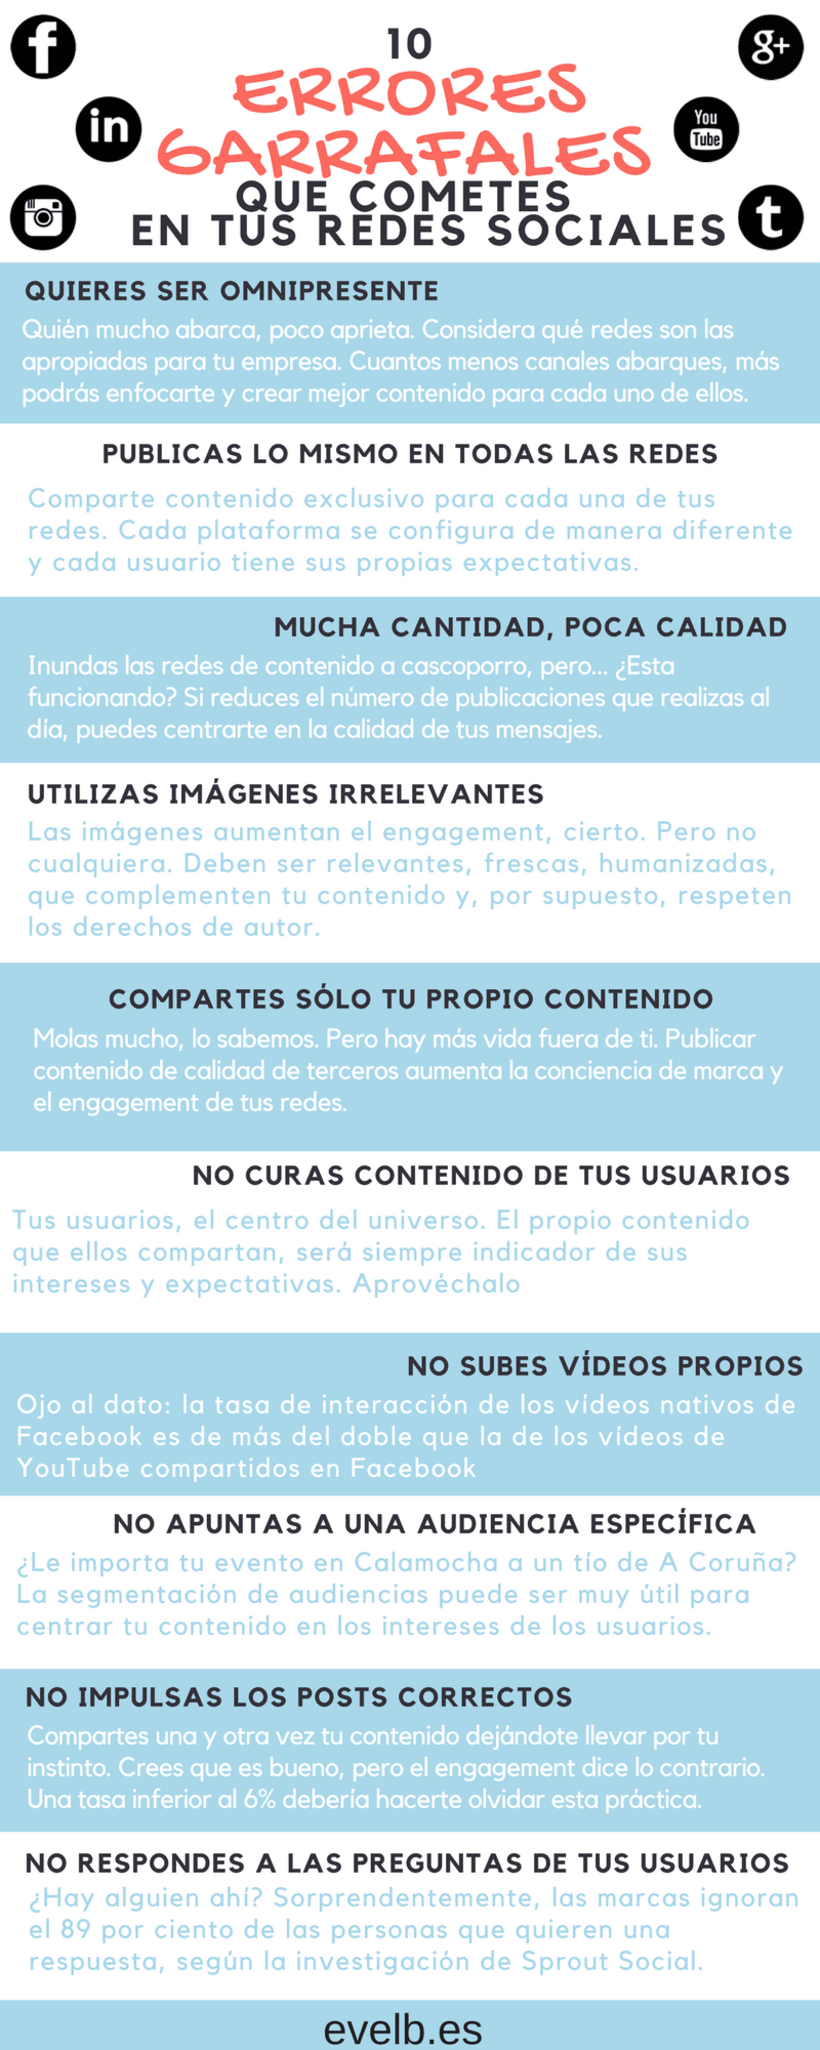 Infografías evelb.es 9